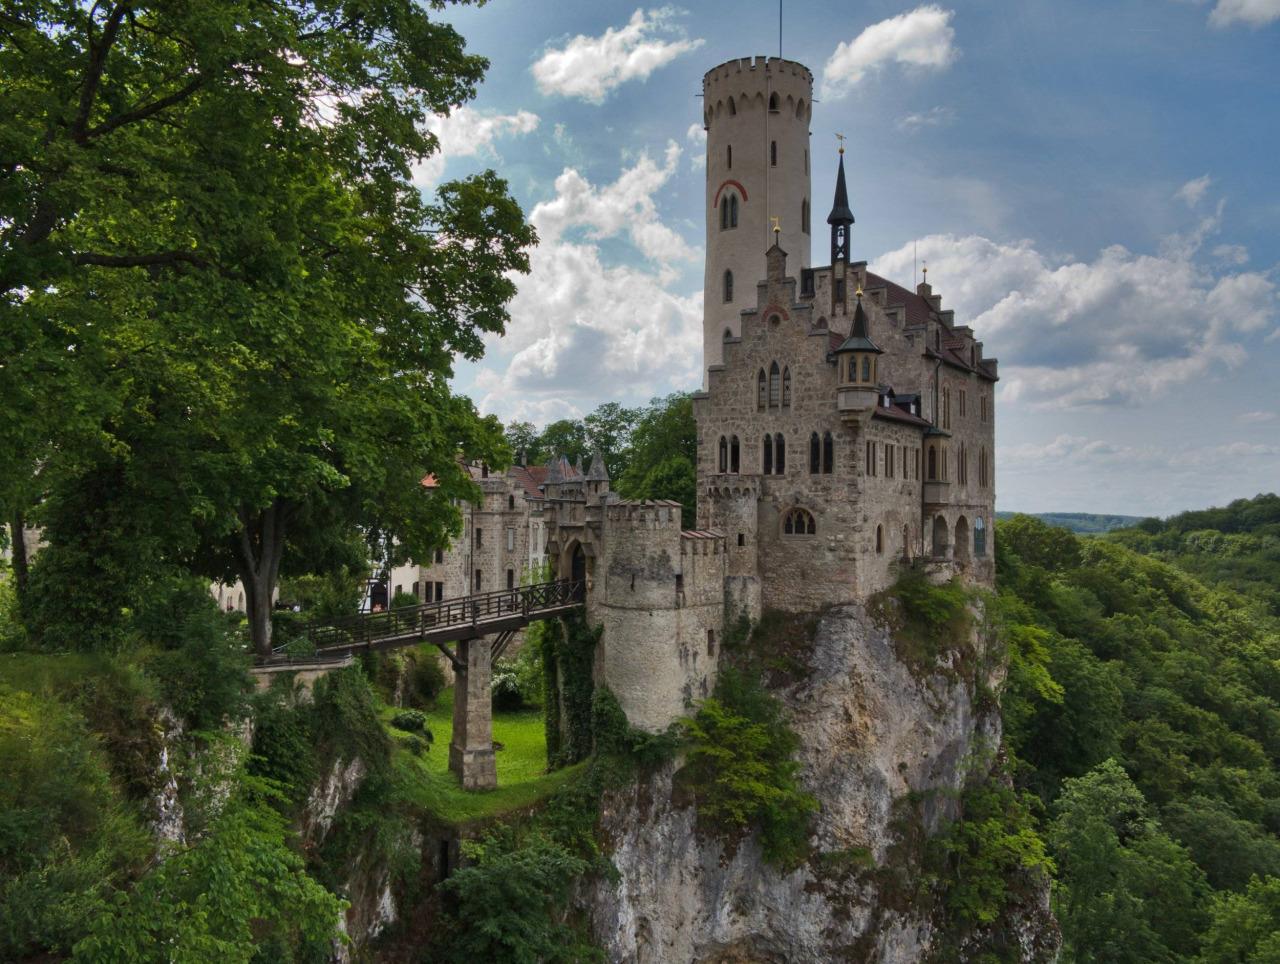 22 Lichtenstein kalesi Baden-Württemberg almanya  Ölmeden önce görmeniz gereken 30 yer 22 Lichtenstein kalesi Baden W C3 BCrttemberg almanya